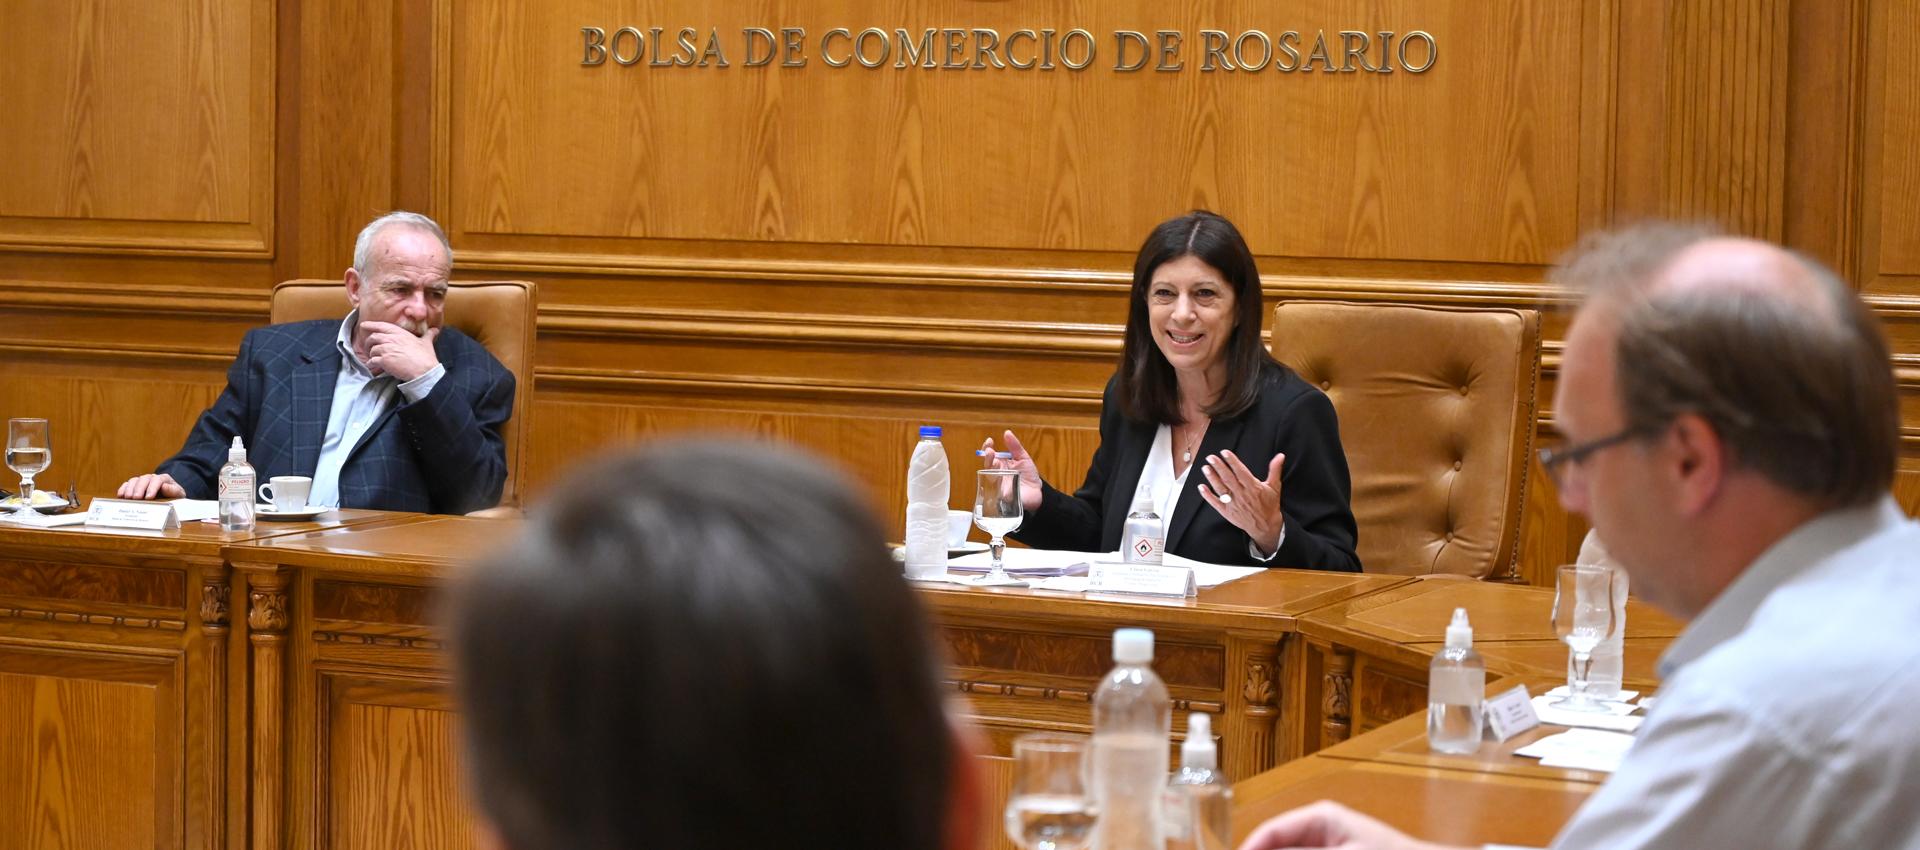 """Clara García: """"Nuestra presencia en el Senado garantiza la defensa de Santa Fe y su producción"""""""